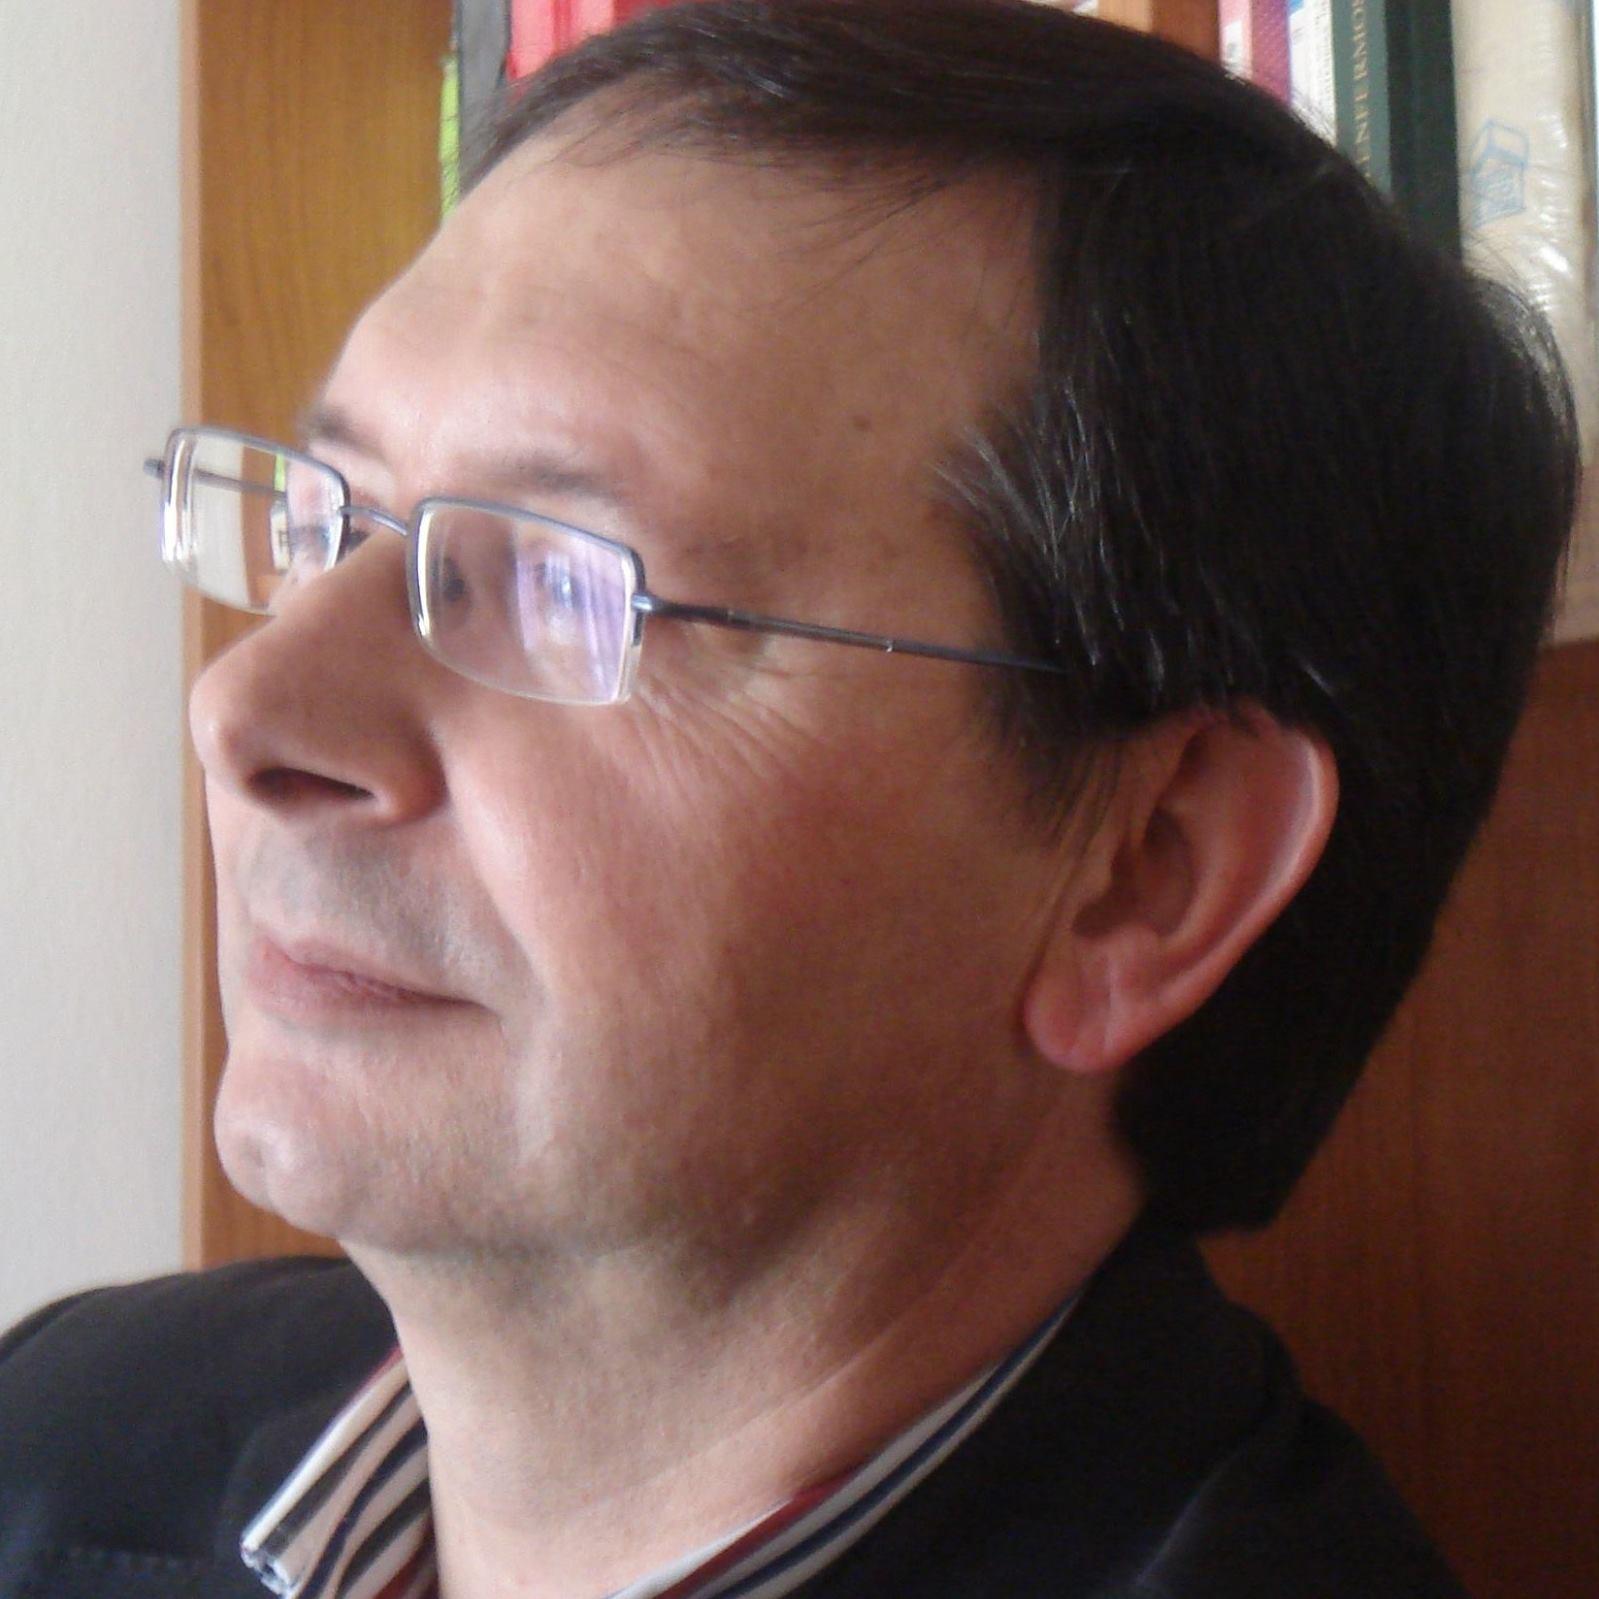 Antonio Lara Ramos